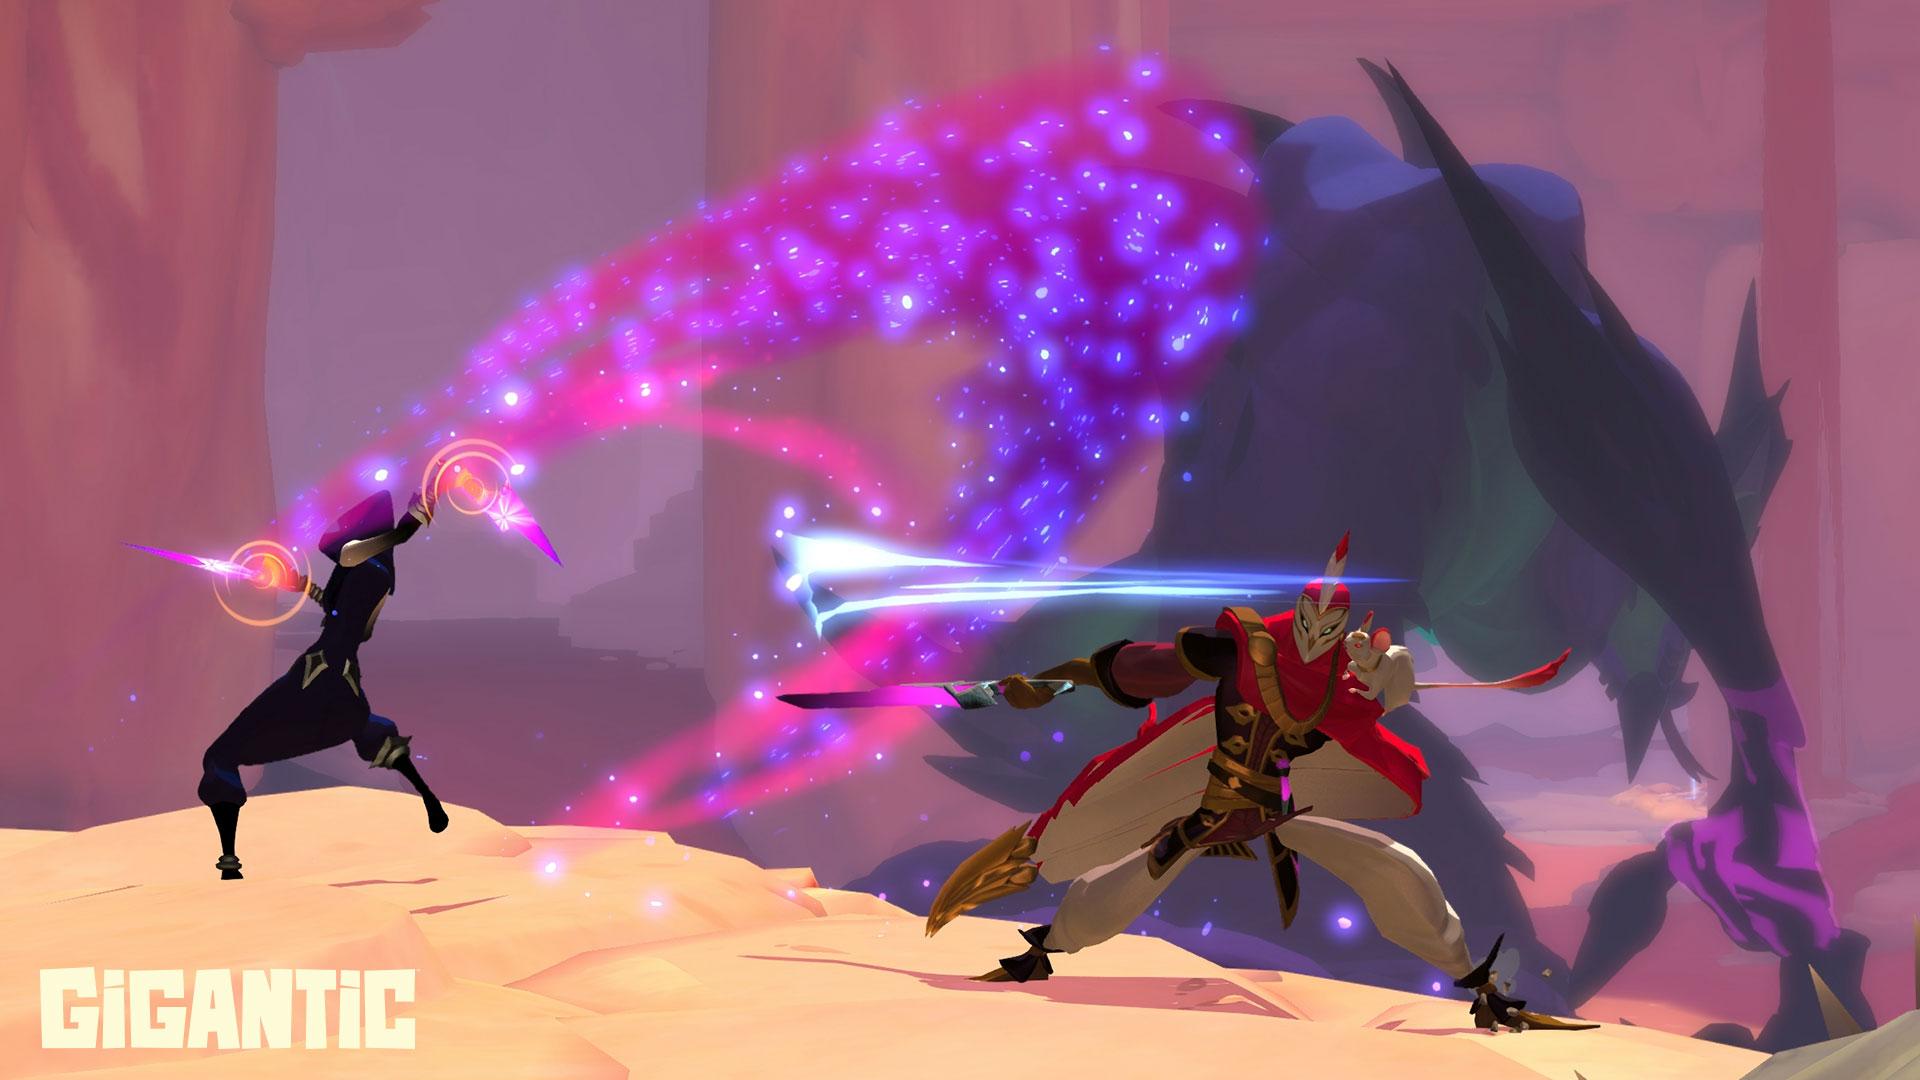 Gigantic: Helden-Shooter mit Knuddel-Optik – Open Beta in finaler Phase